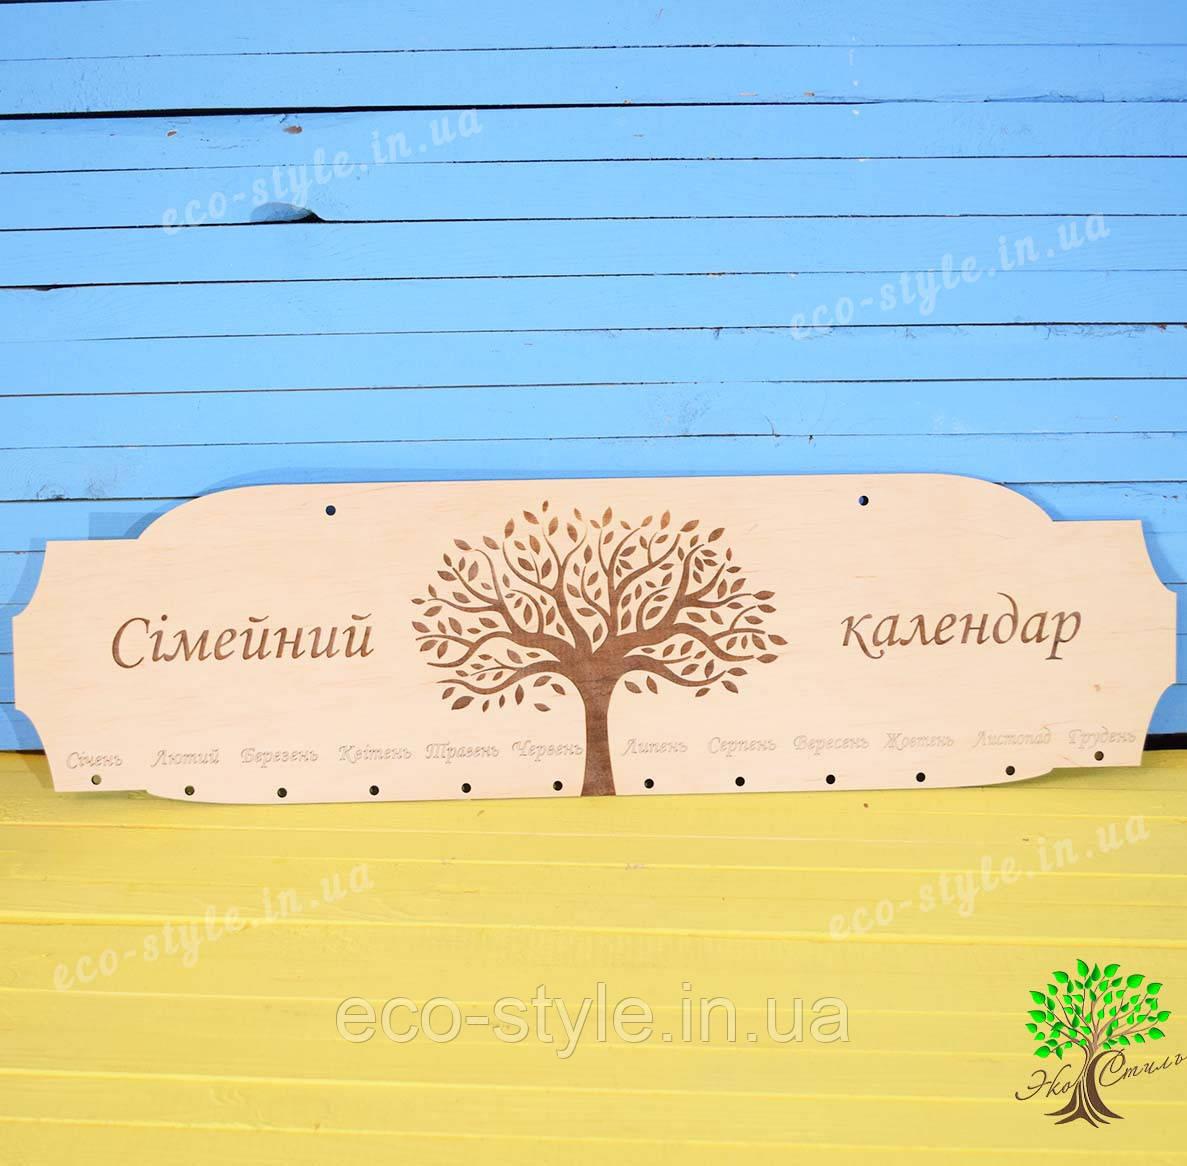 Семейный календарь, календарь праздников